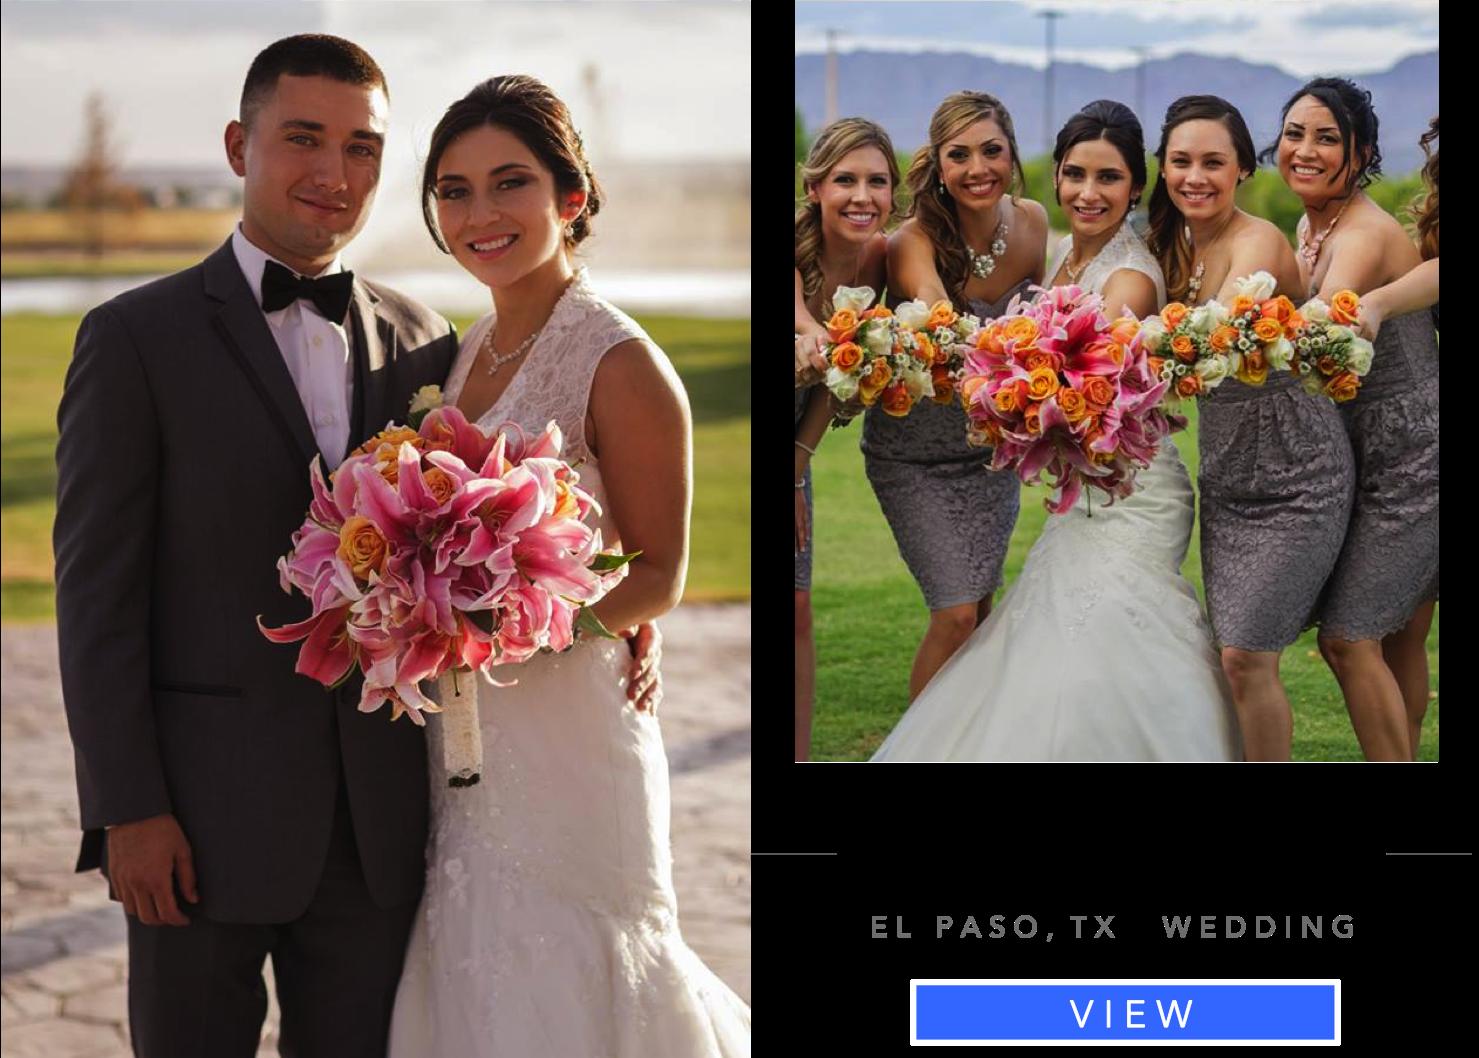 angies1-floral-designs-el-paso-weddings-el-paso-bridal-bouquet-el-paso-texas-wedding-el-paso-flowershop-florist-bodas-el-paso-bridal-bouquets-bridal-items-shop-79912.png